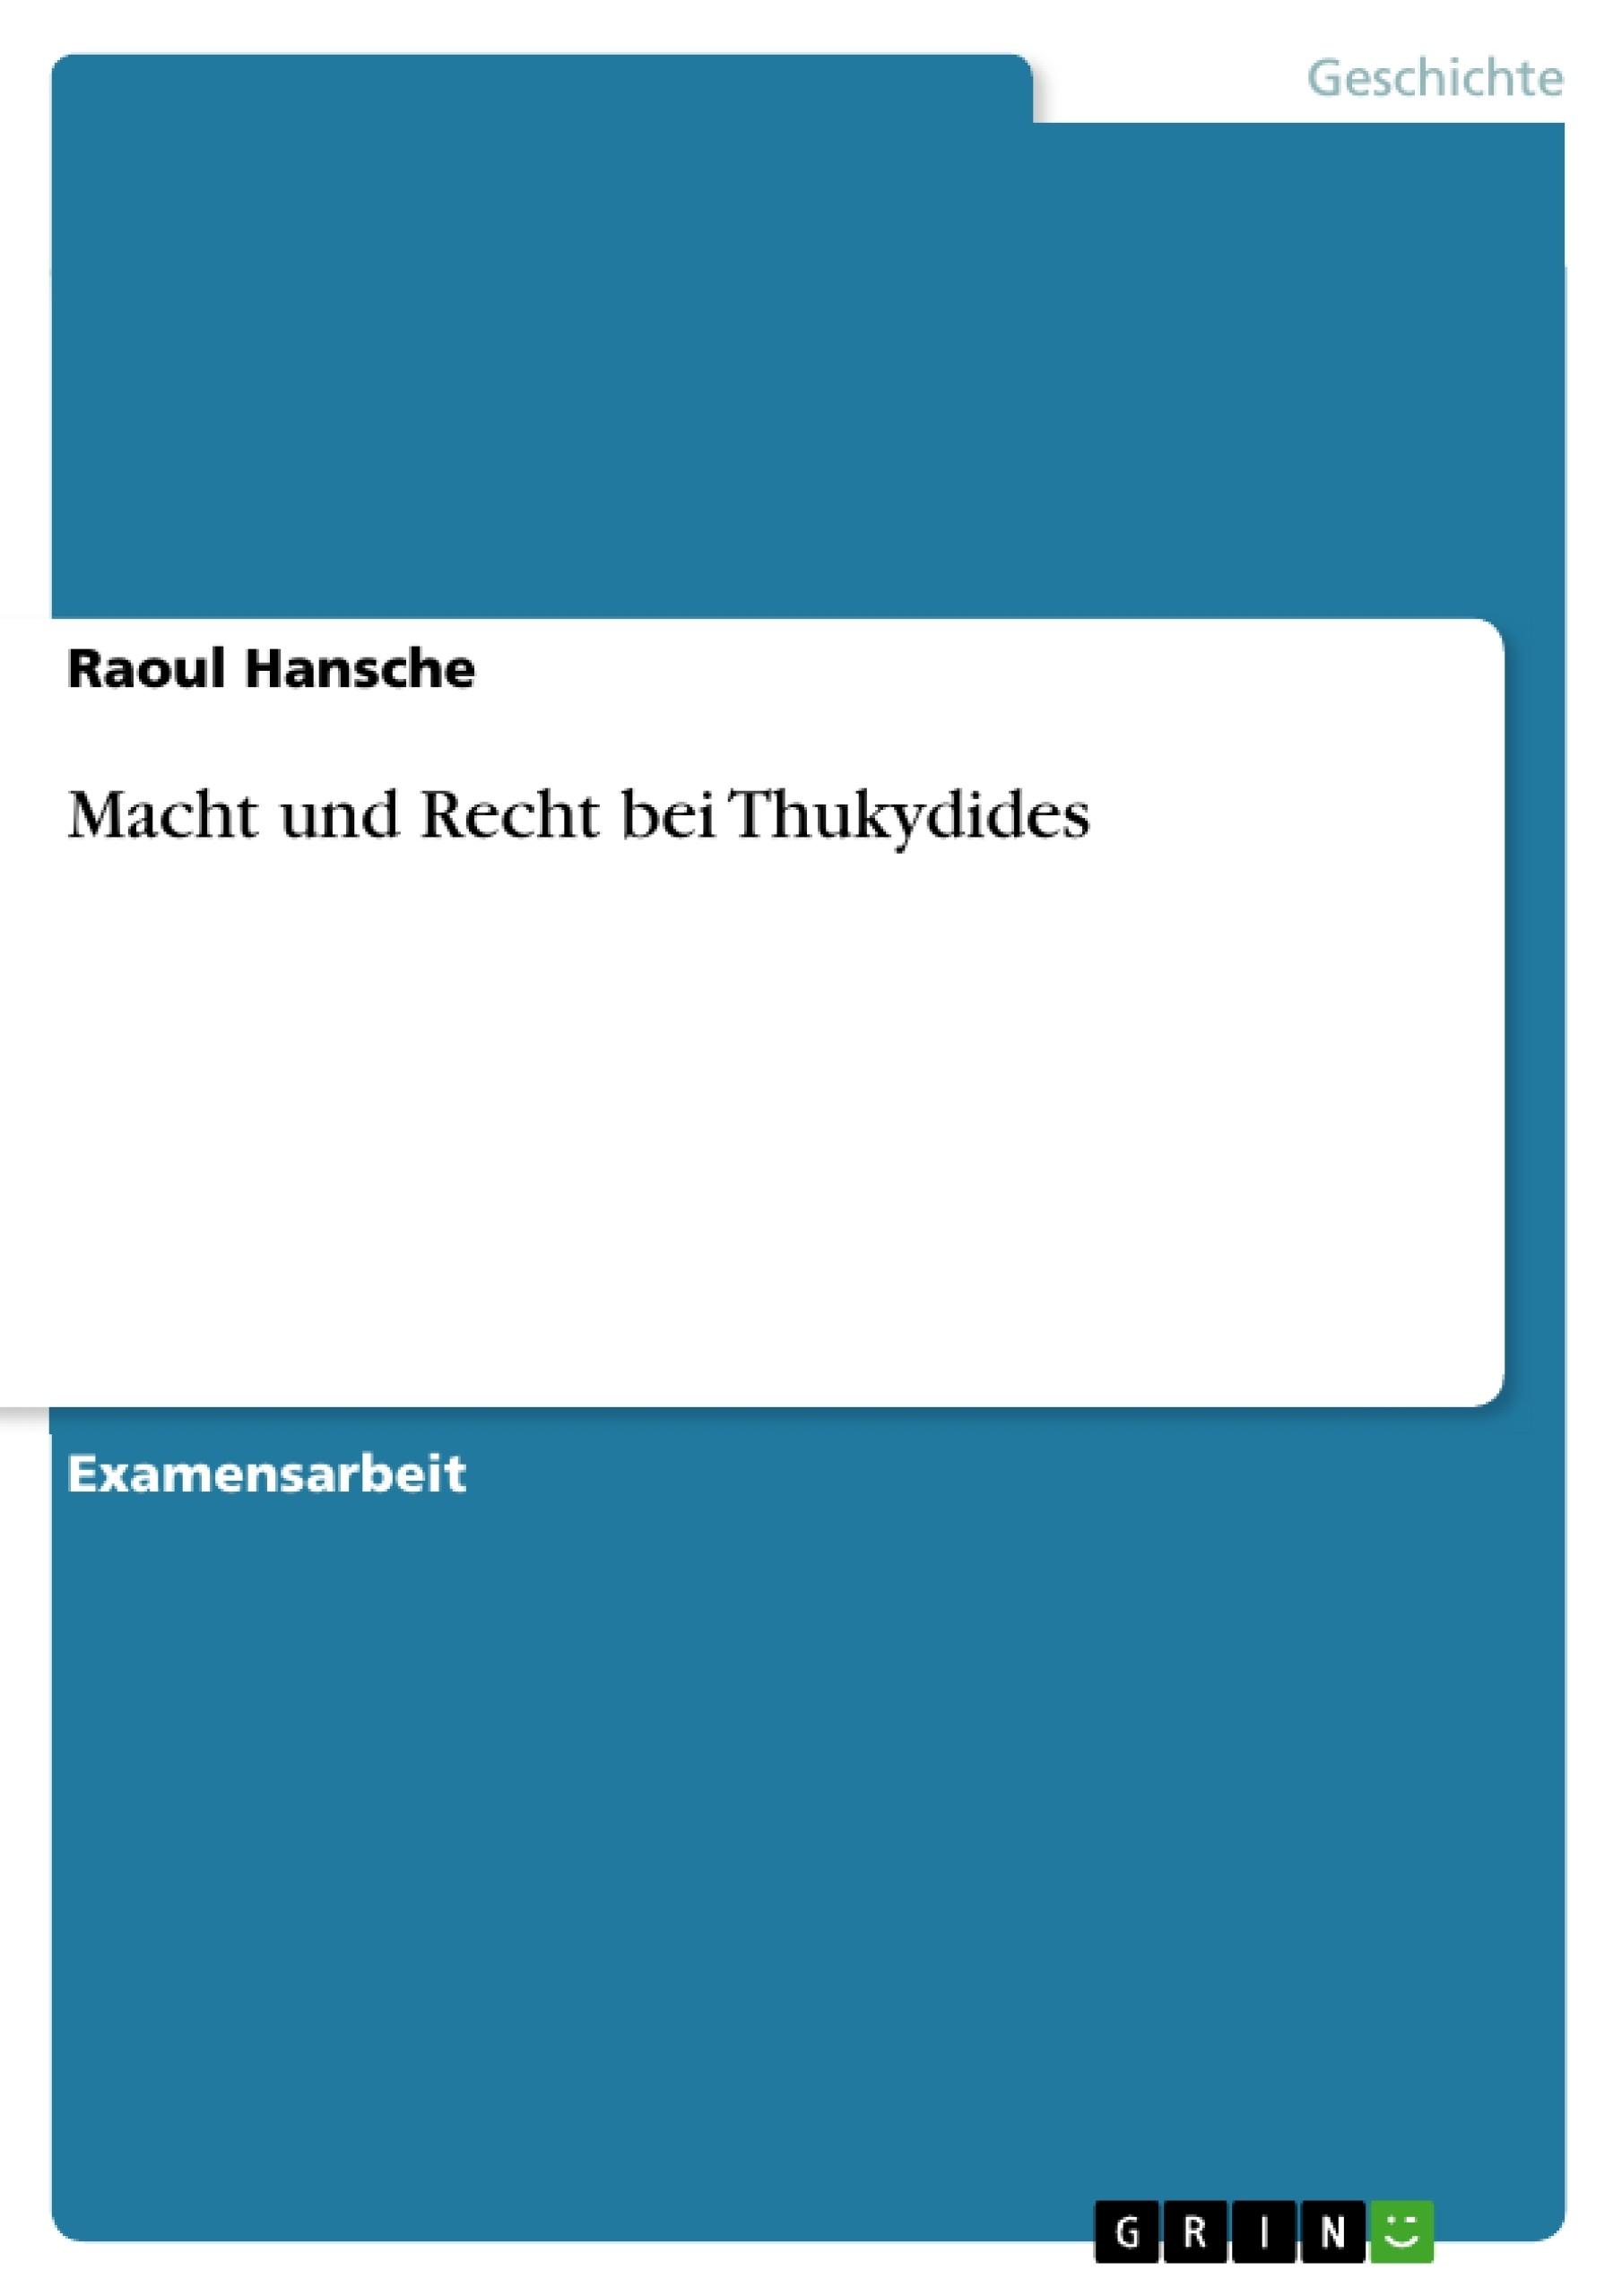 Titel: Macht und Recht bei Thukydides